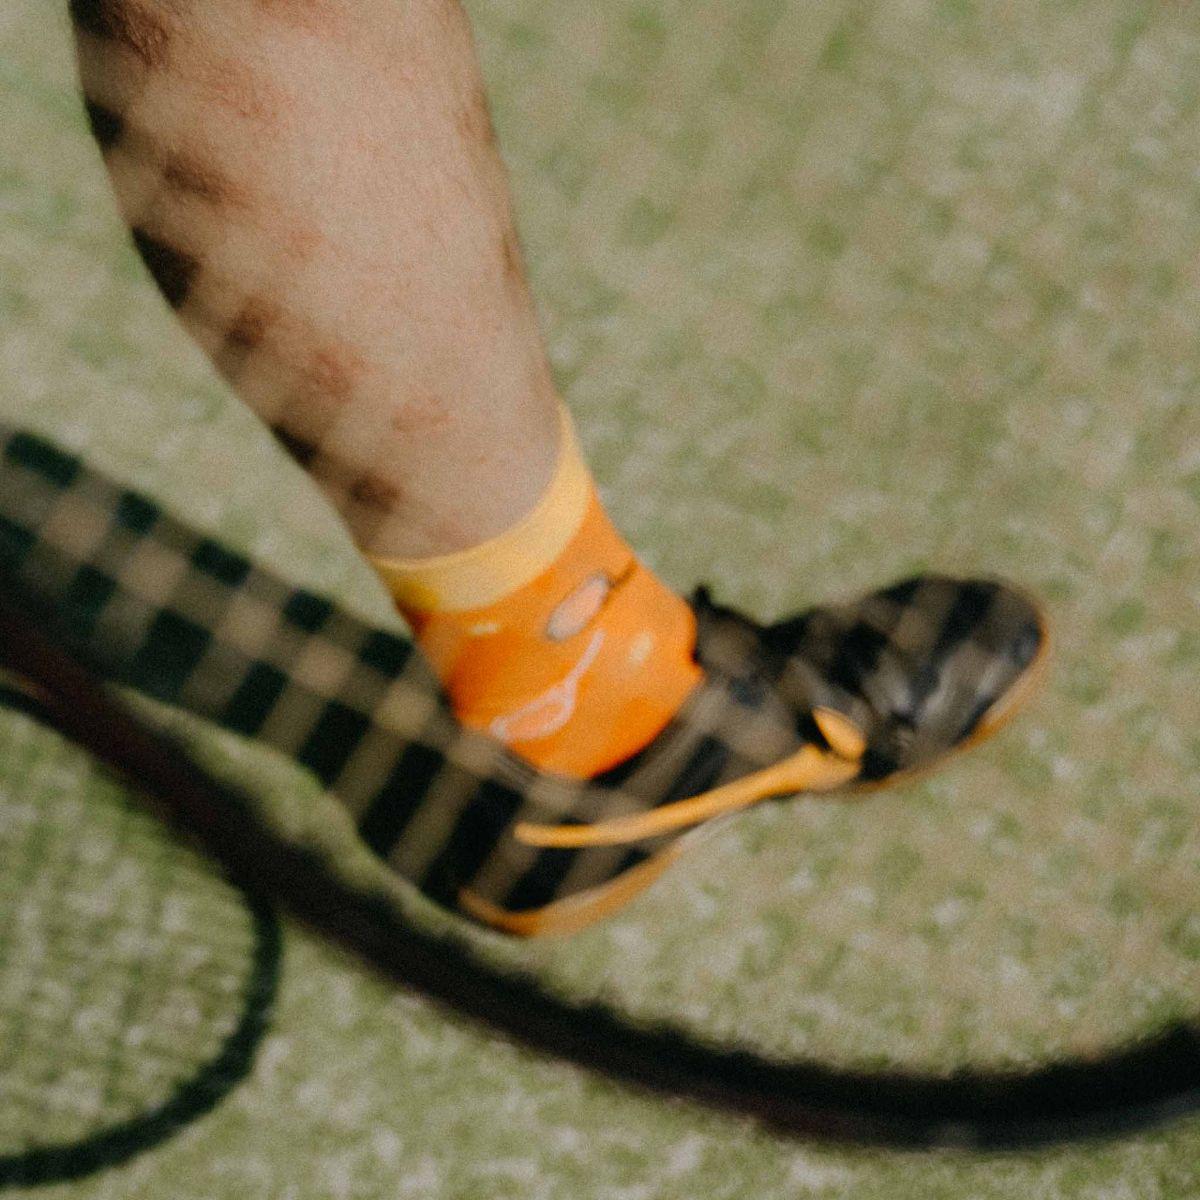 Șosete - Tenis